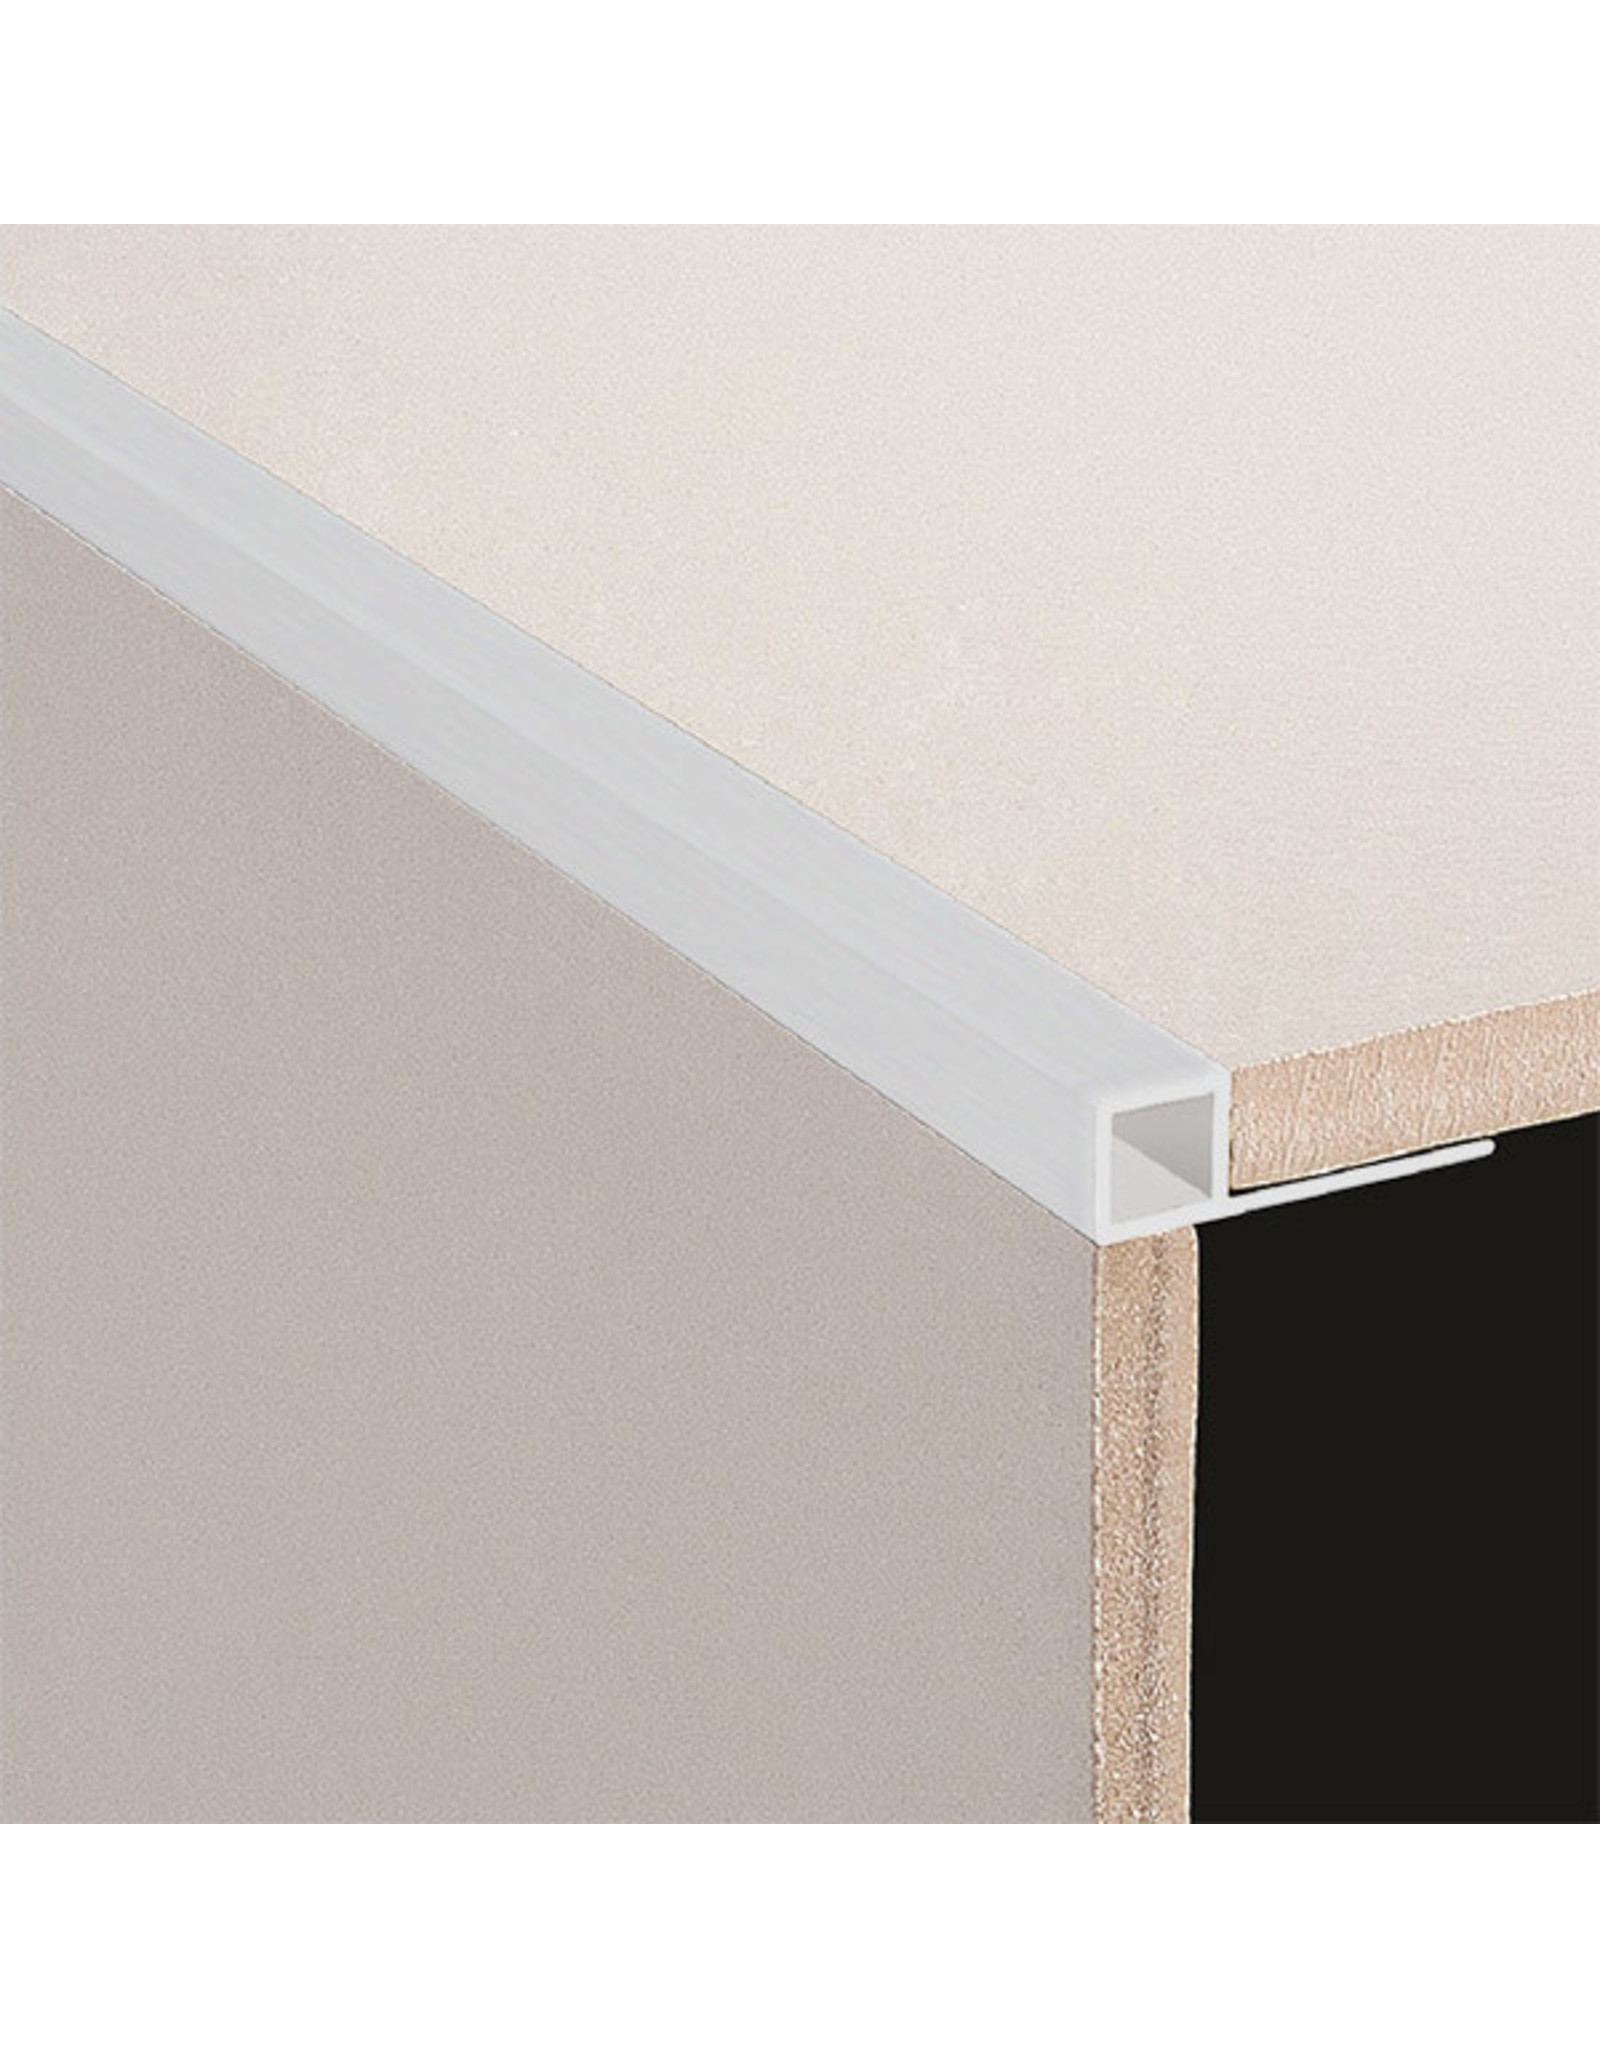 DTA 10mm DTA Aluminium Square Edge Trim Brushed Silver